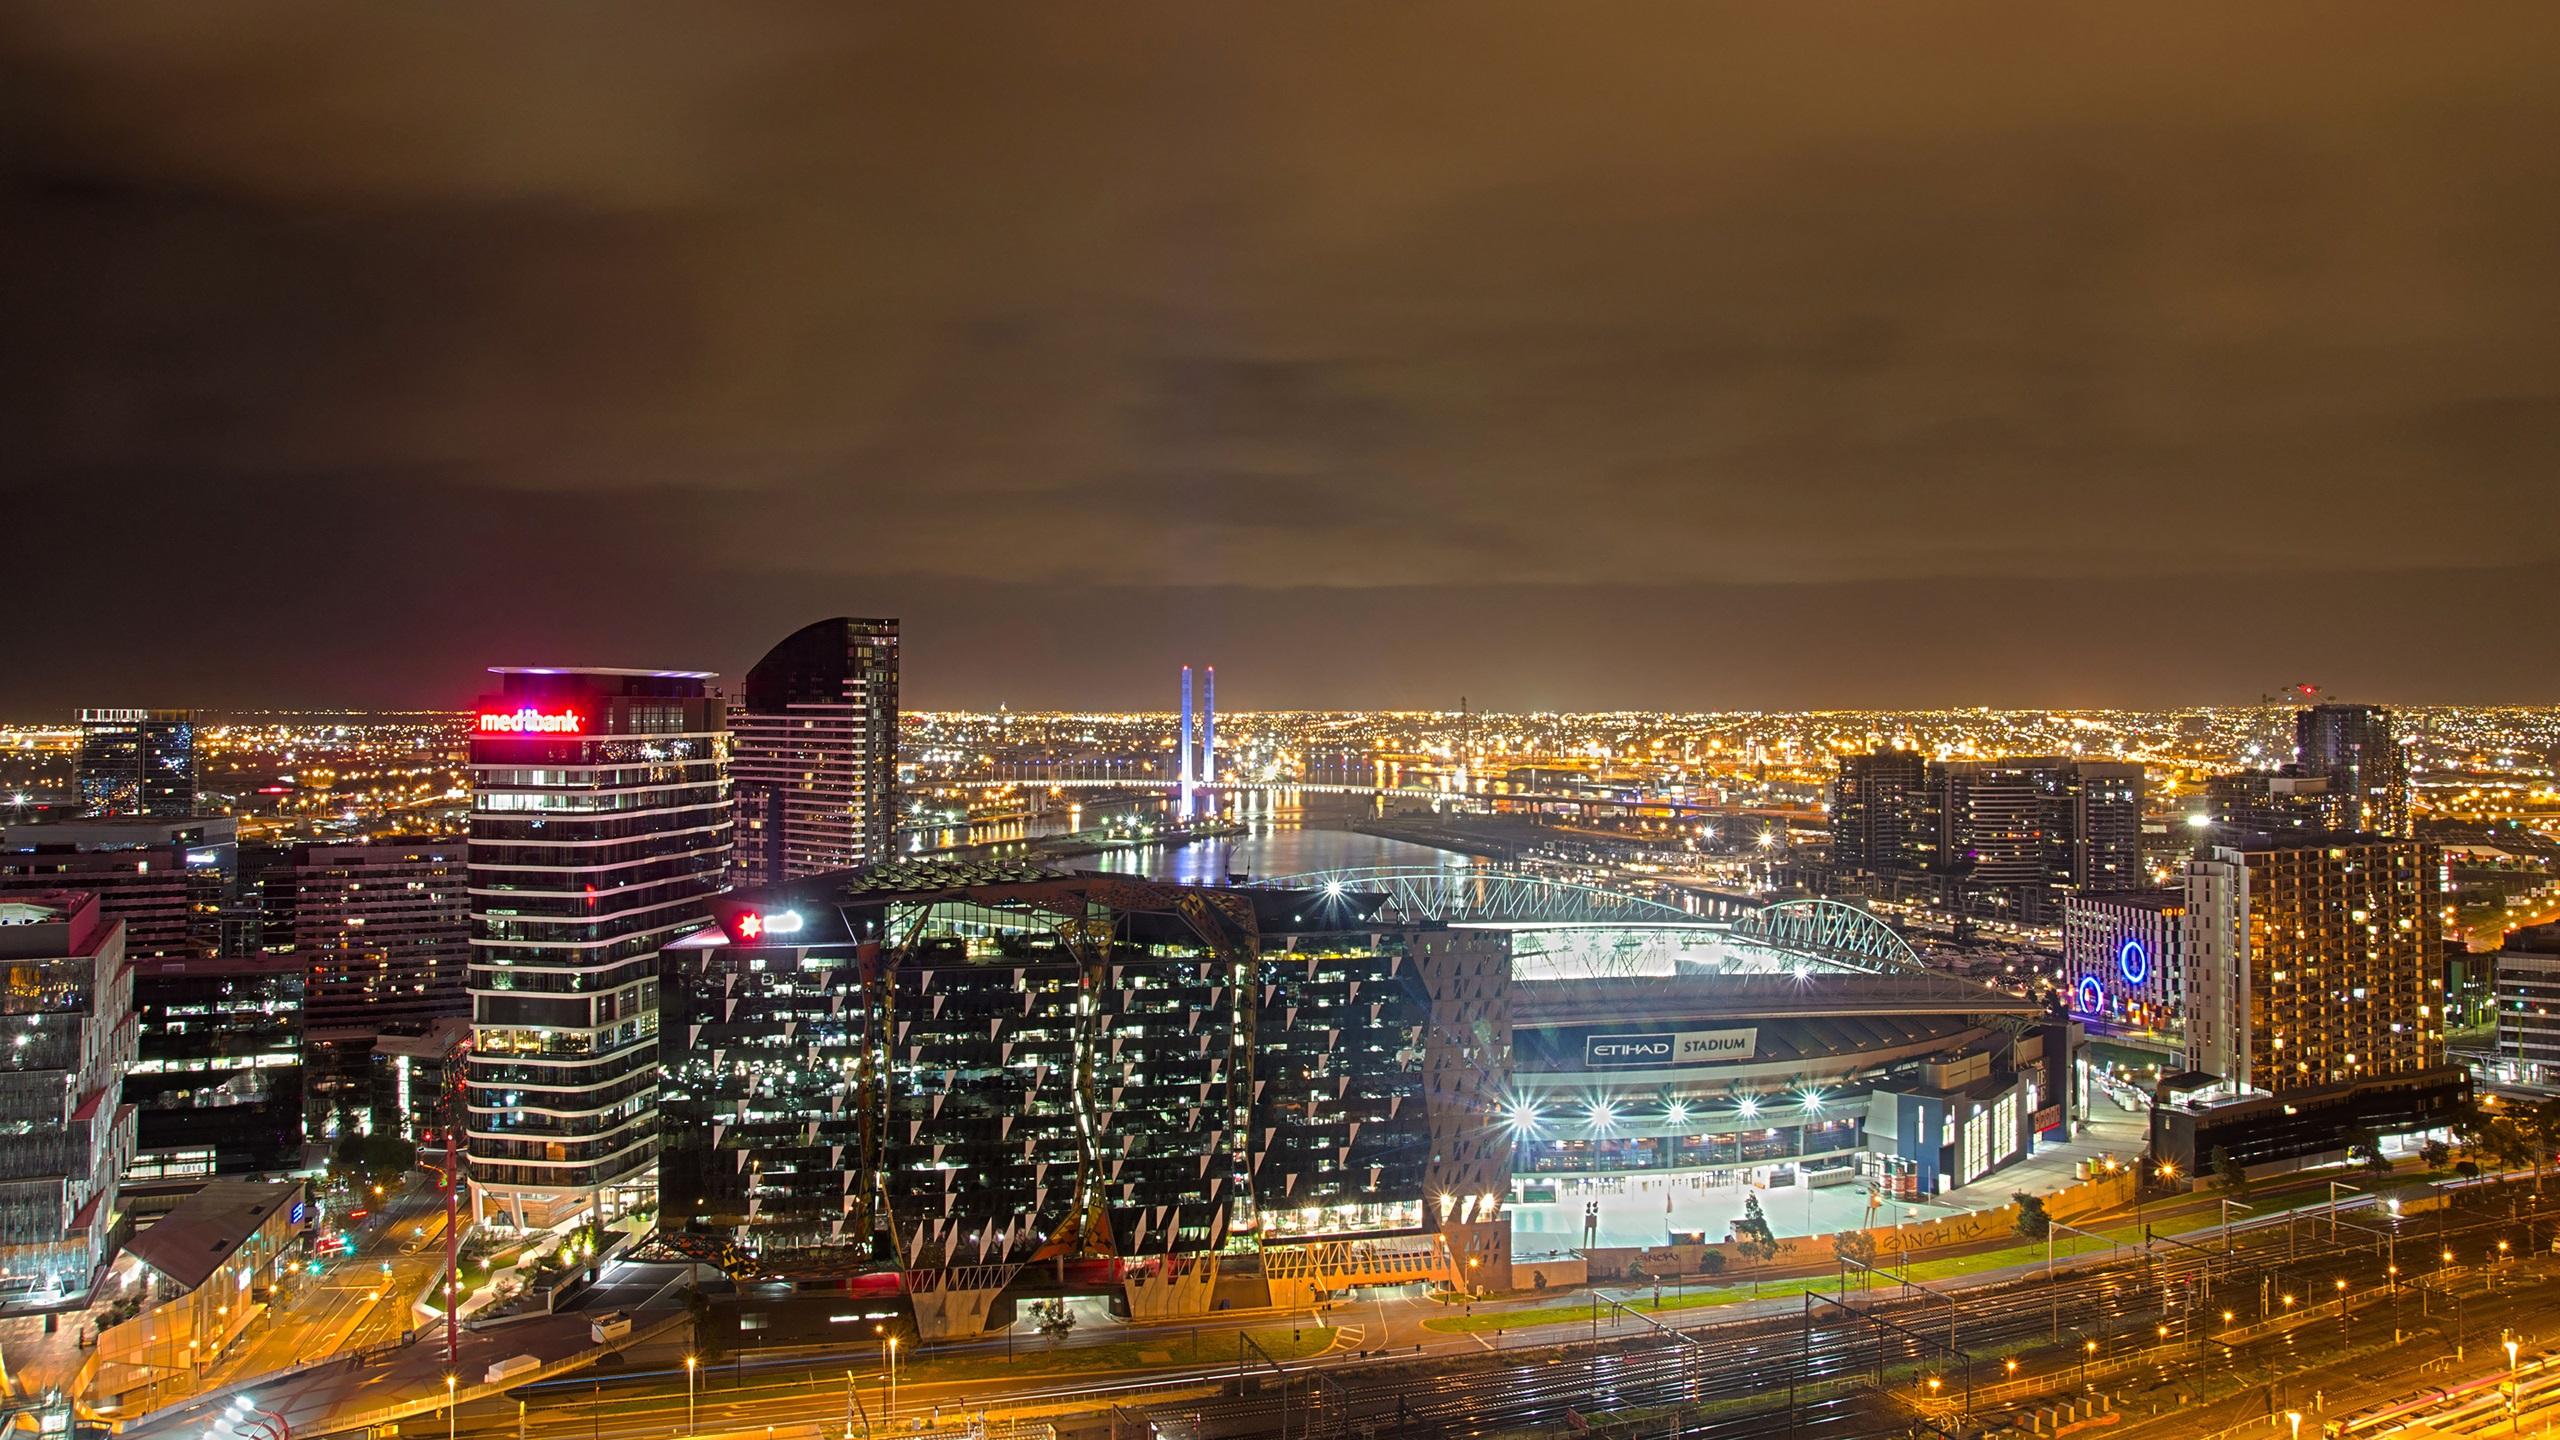 英格兰,曼彻斯特,城市,建筑物,灯,夜晚,天空 壁纸 - 2560x1440 qhd图片